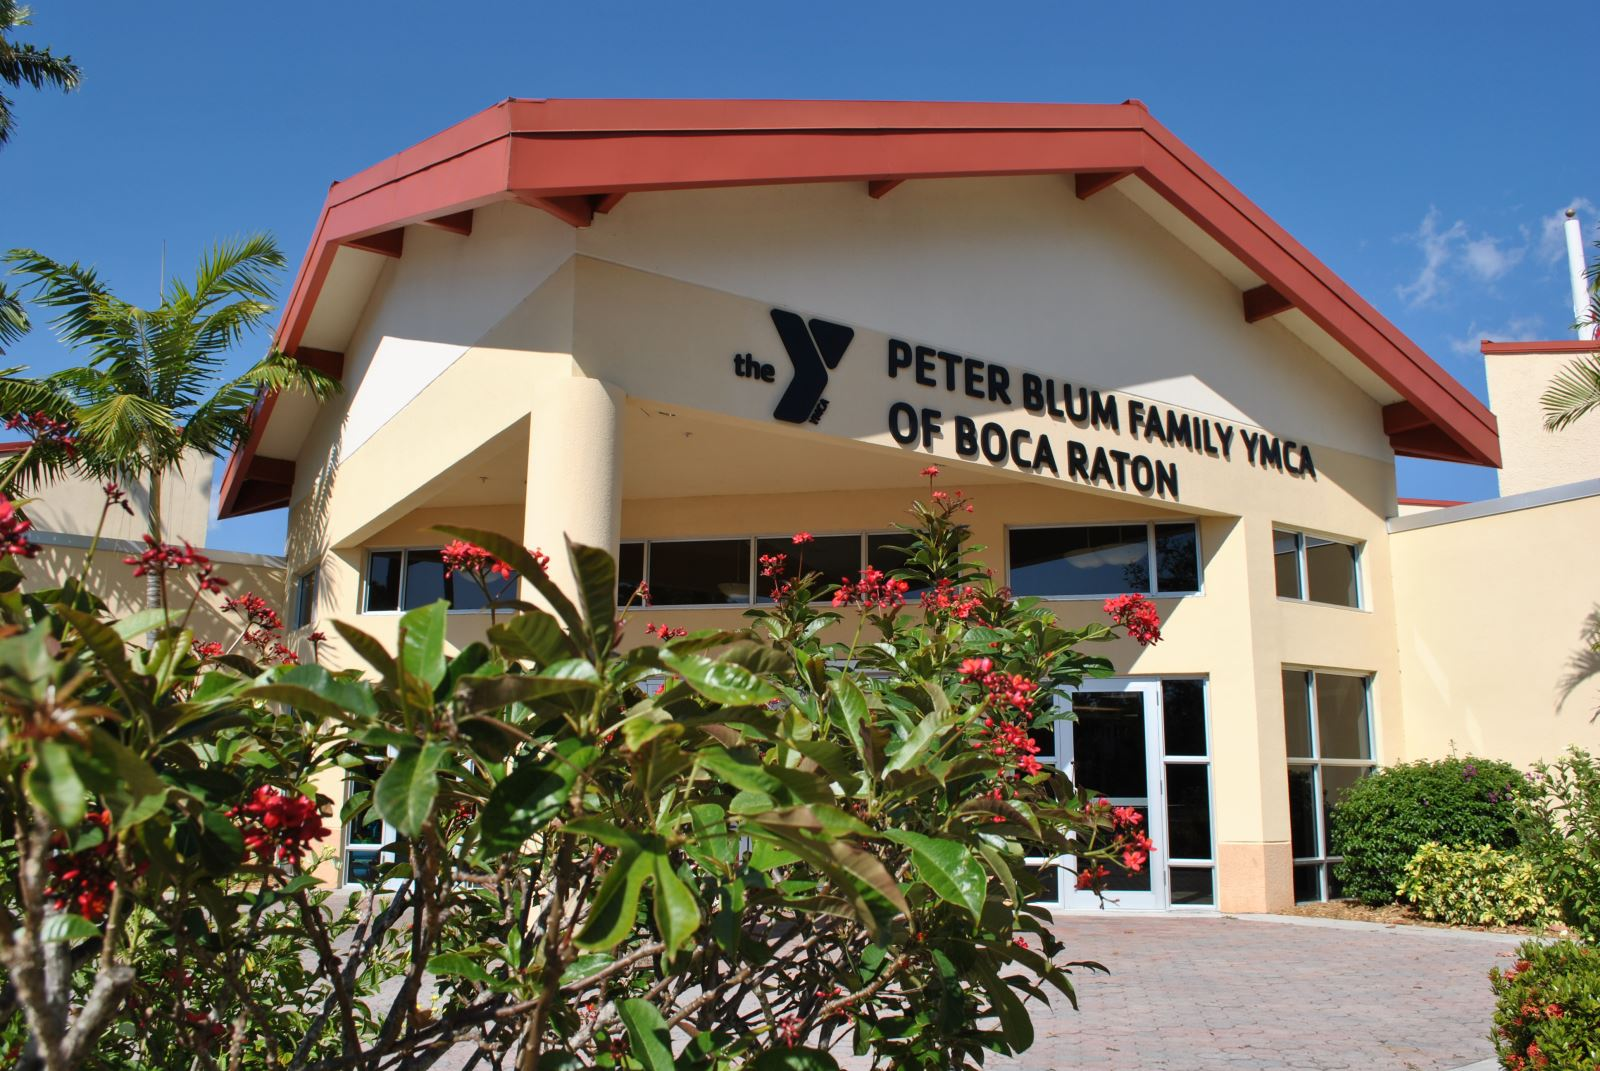 Boulevard Rehabilitation Center South Seacrest Boulevard Boynton Beach Fl